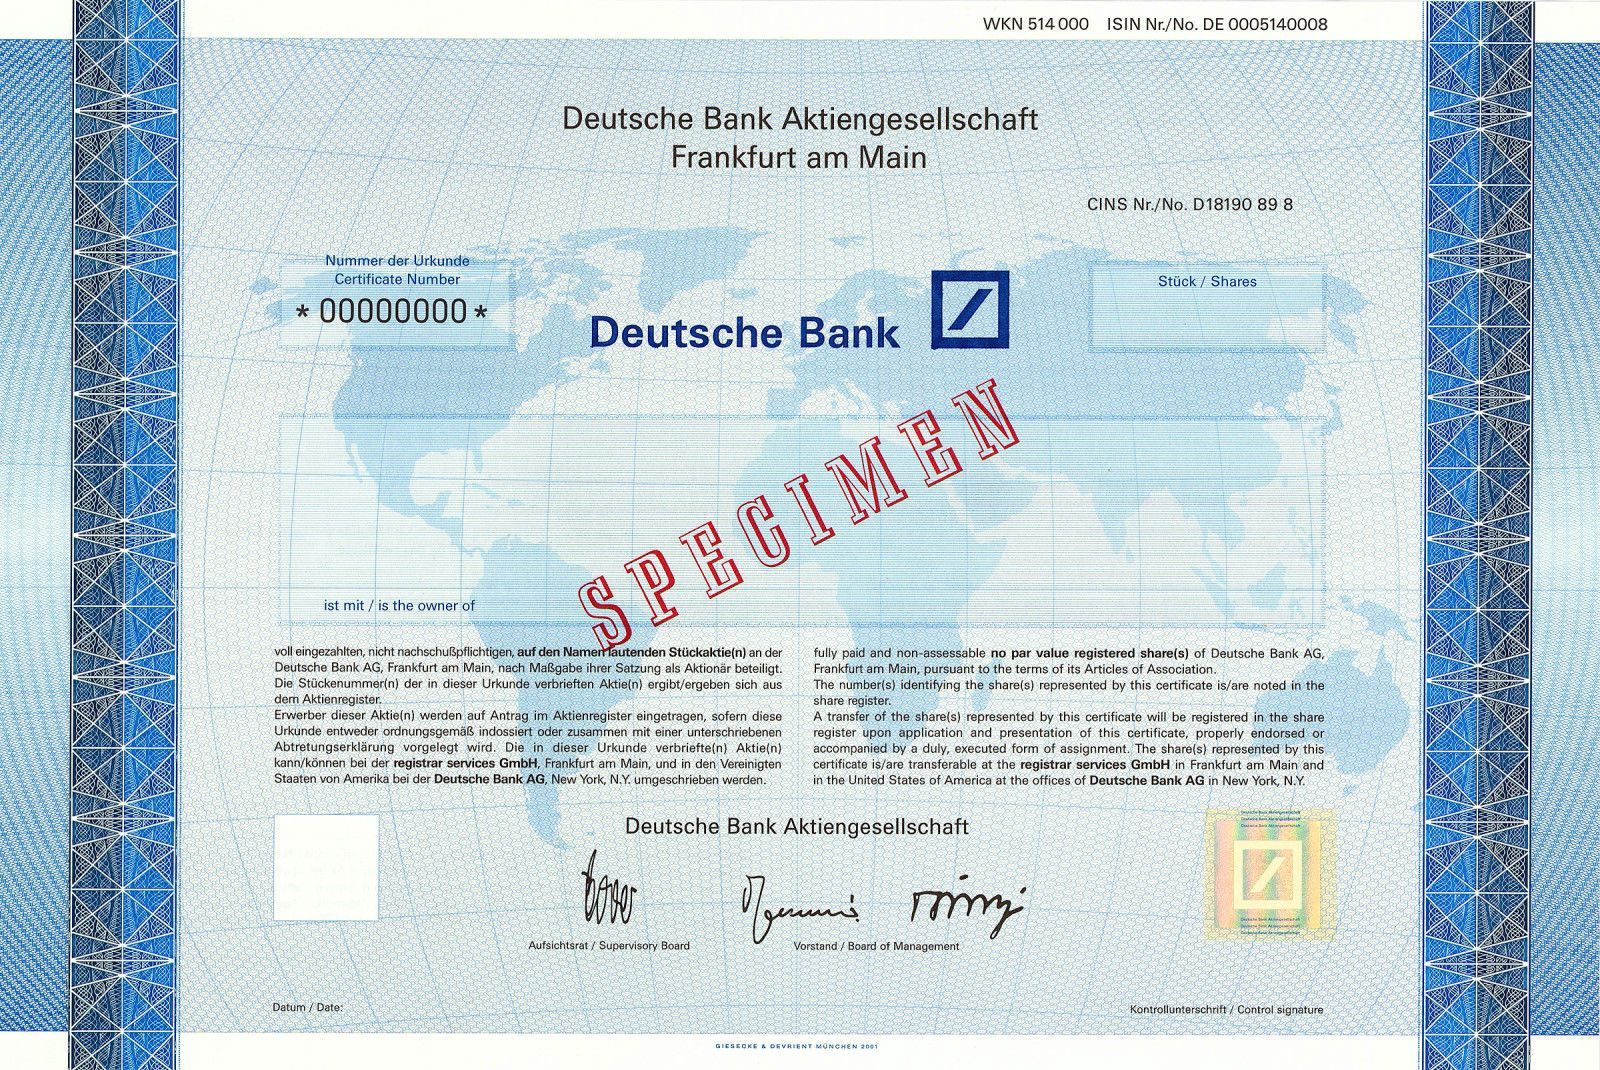 Deutsche Bank, Frankfurt a.M. + New York, Aktienmuster von